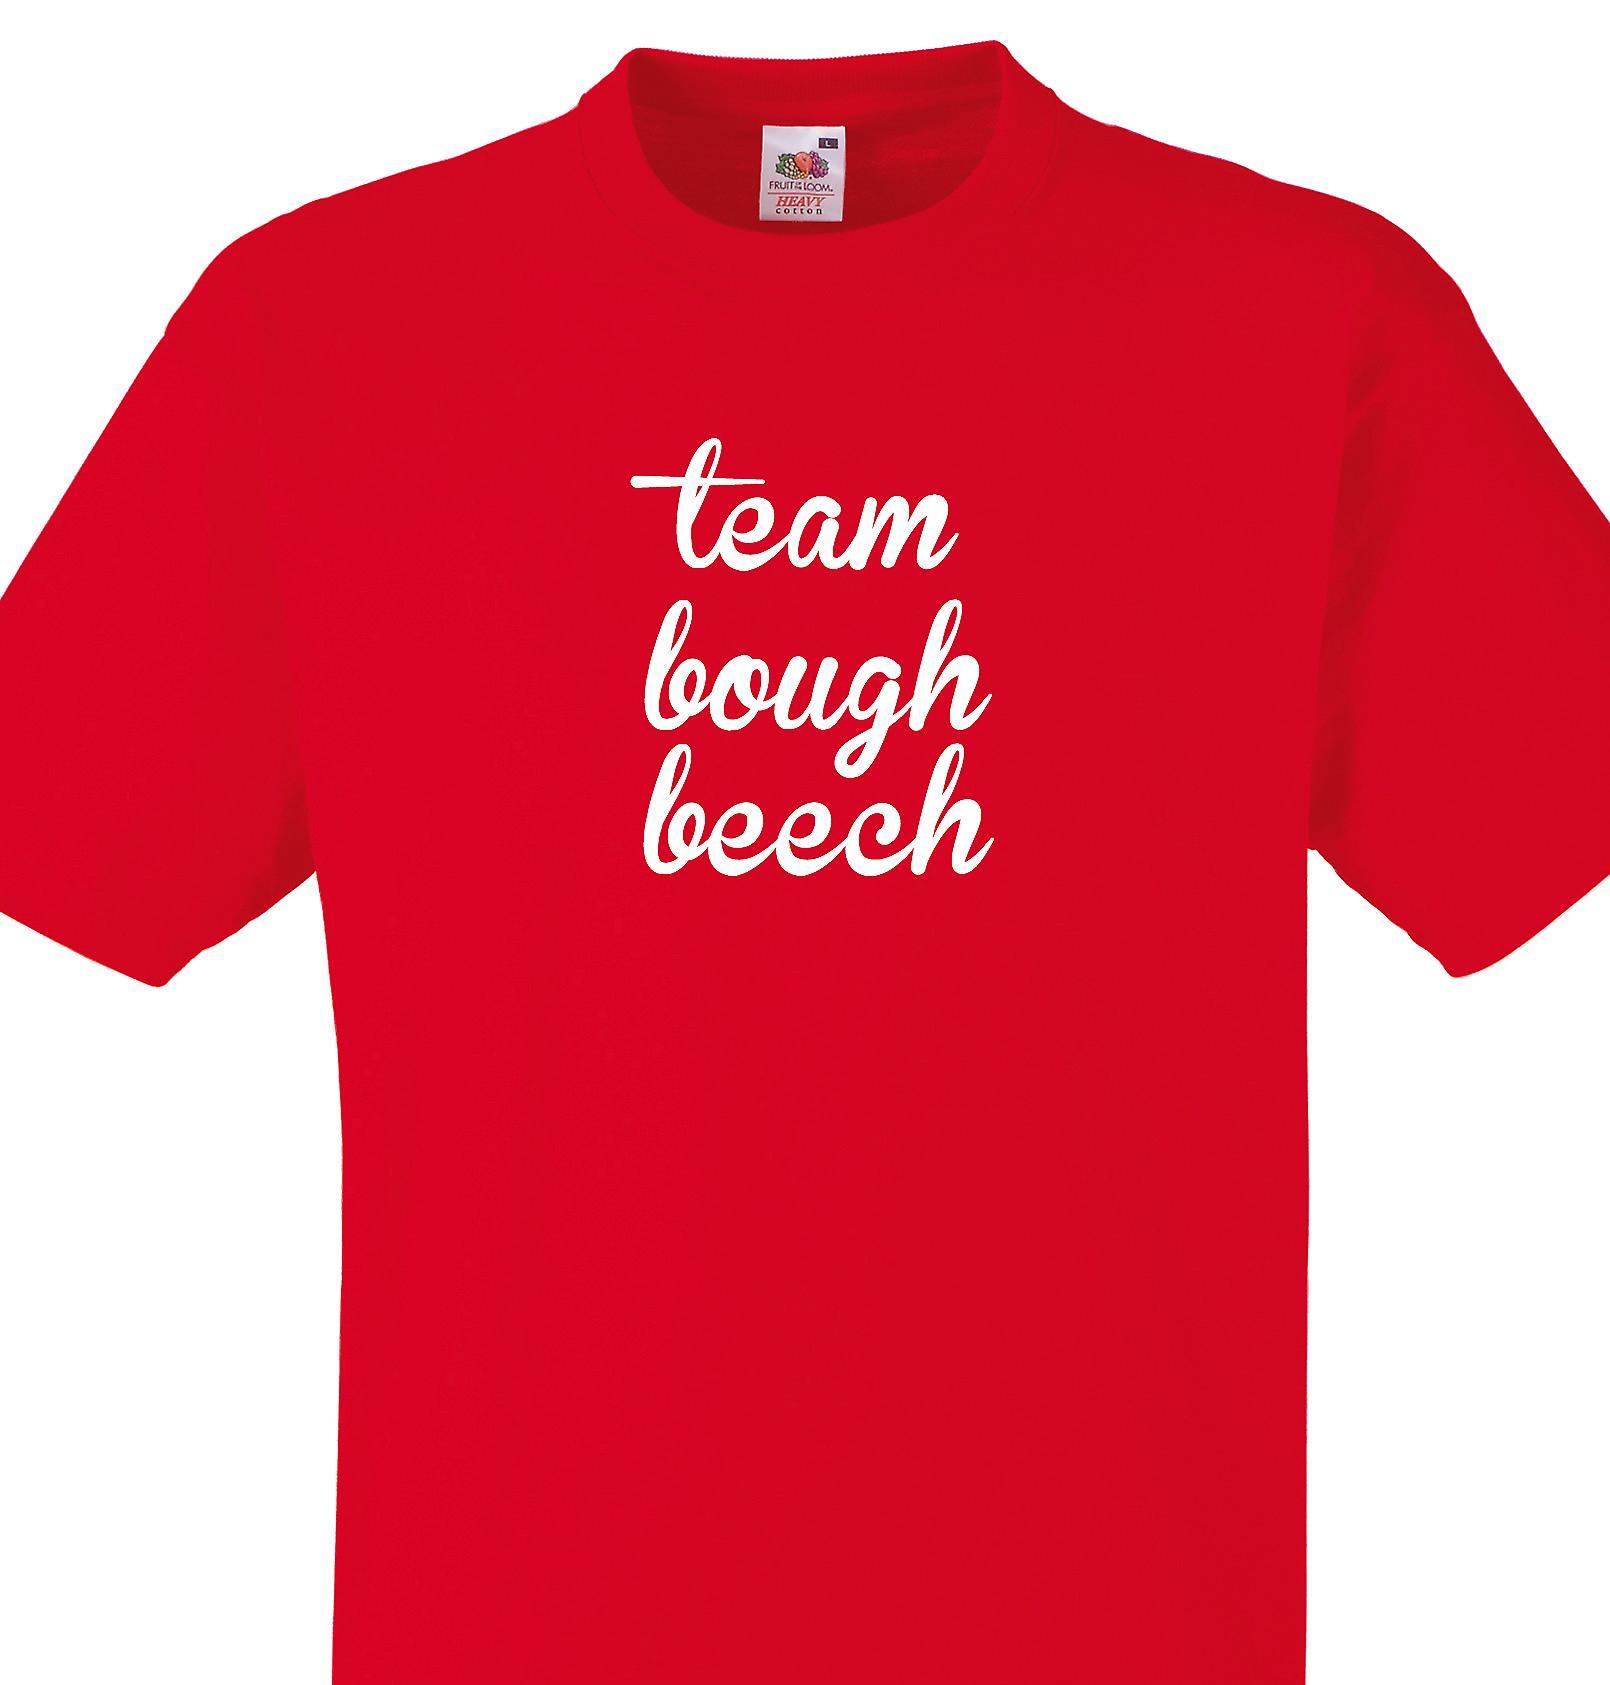 Team Bough beech Red T shirt